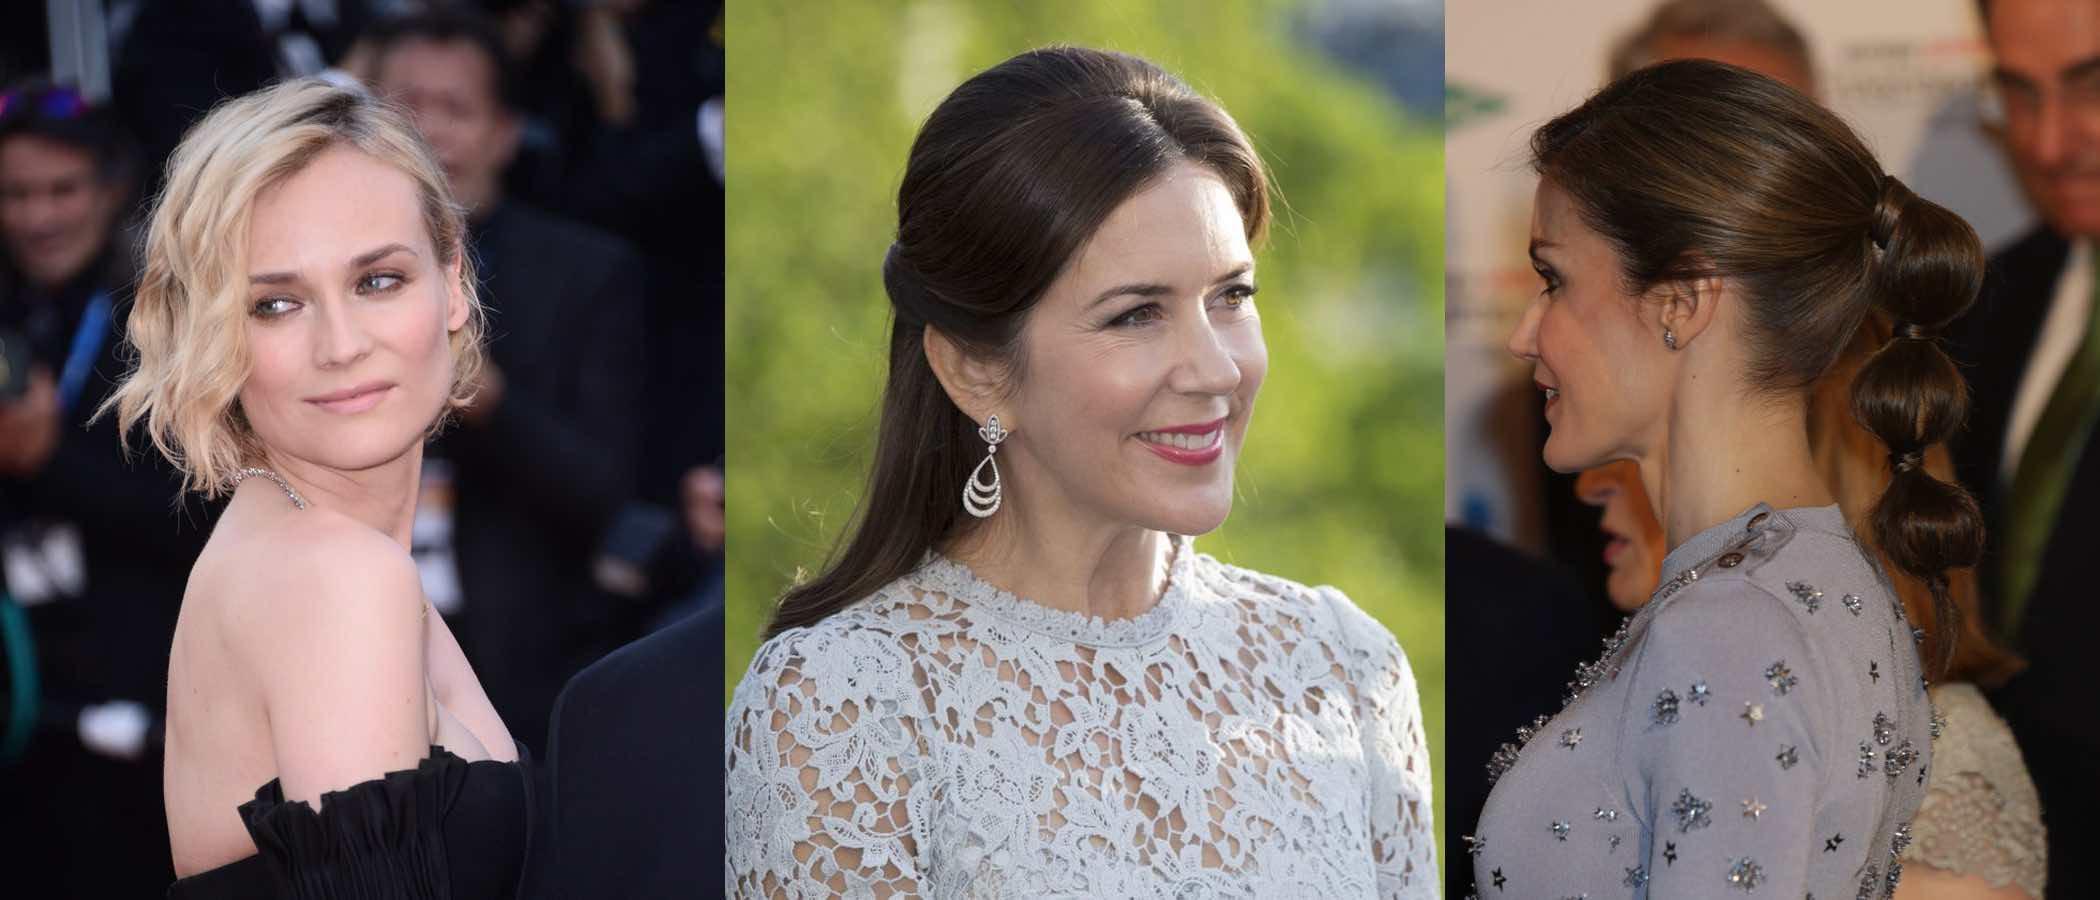 La Reina Letizia y Diane Kruger lucen los mejores beauty looks de la semana